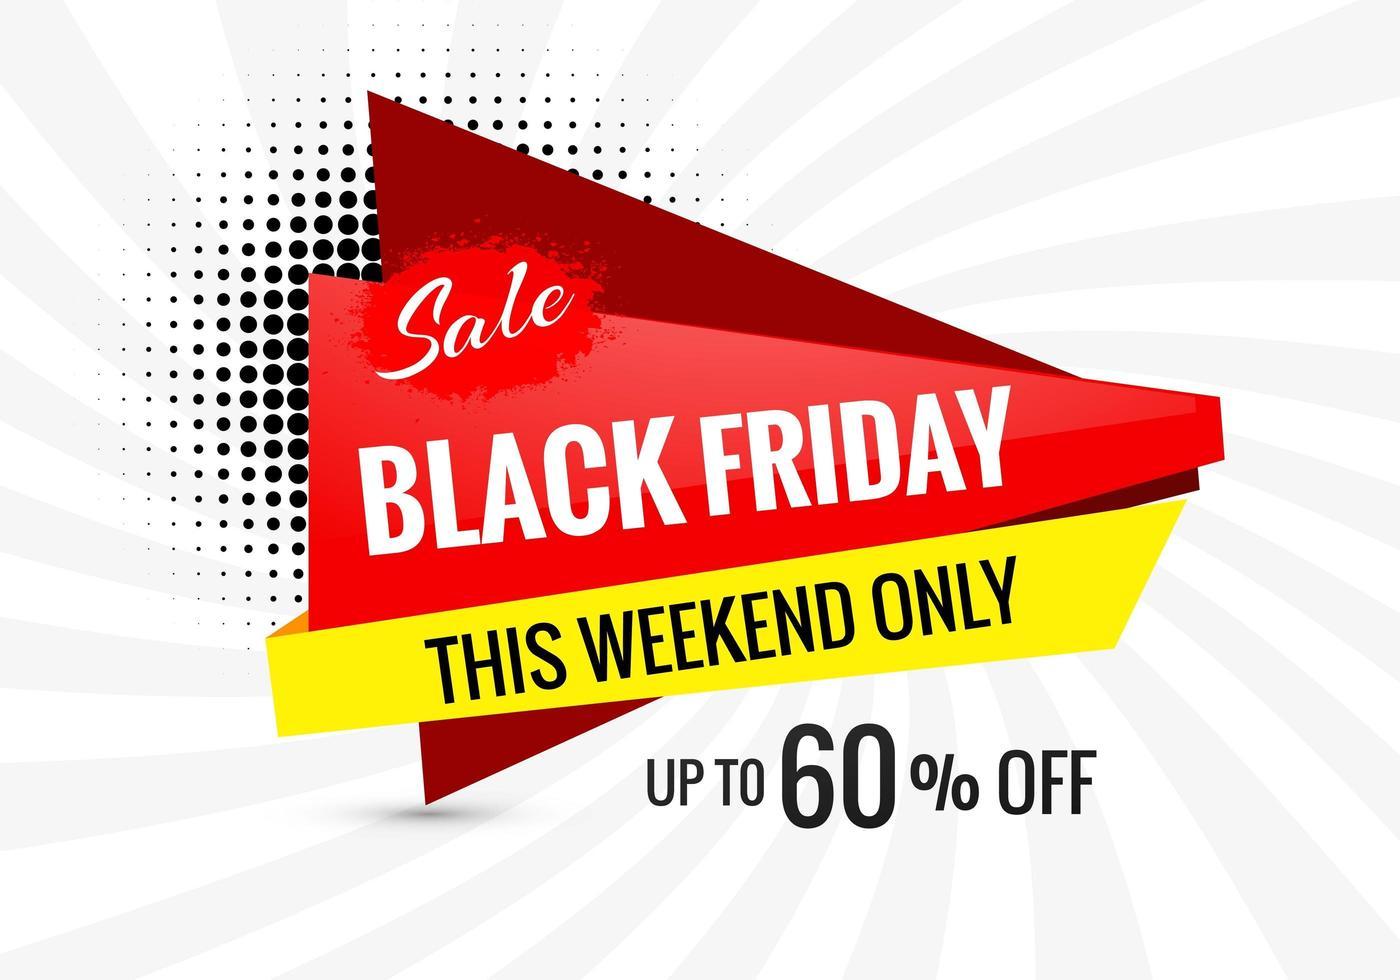 schwarzer Freitag Promotion Verkauf Banner Hintergrund vektor